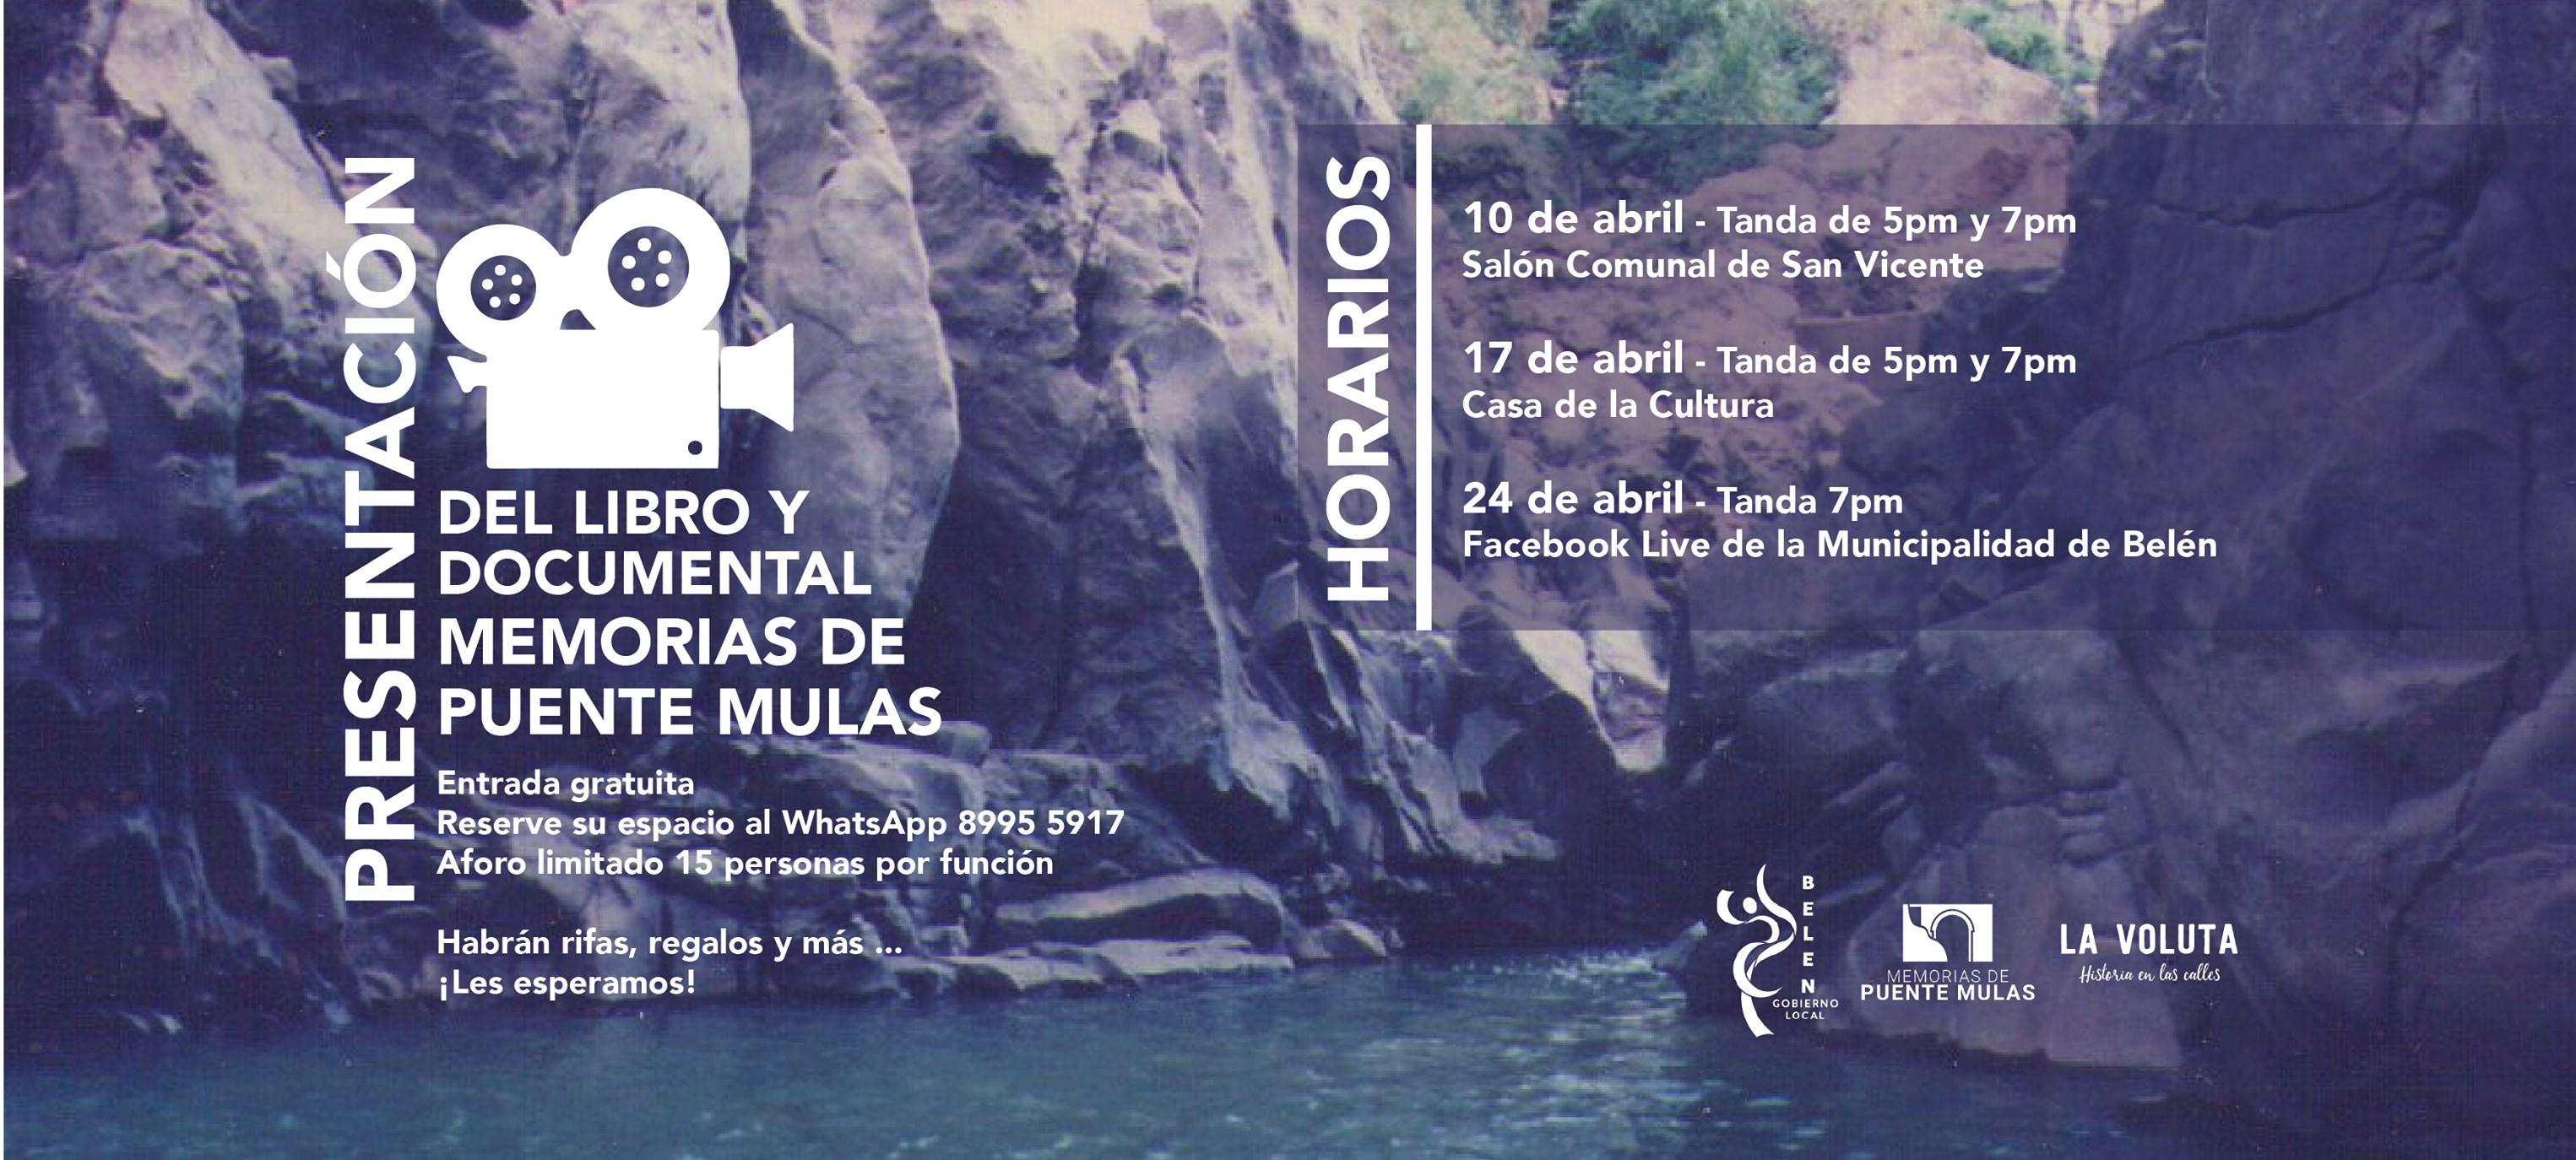 Presentación del libro y documental Memorias de Puente Mulas